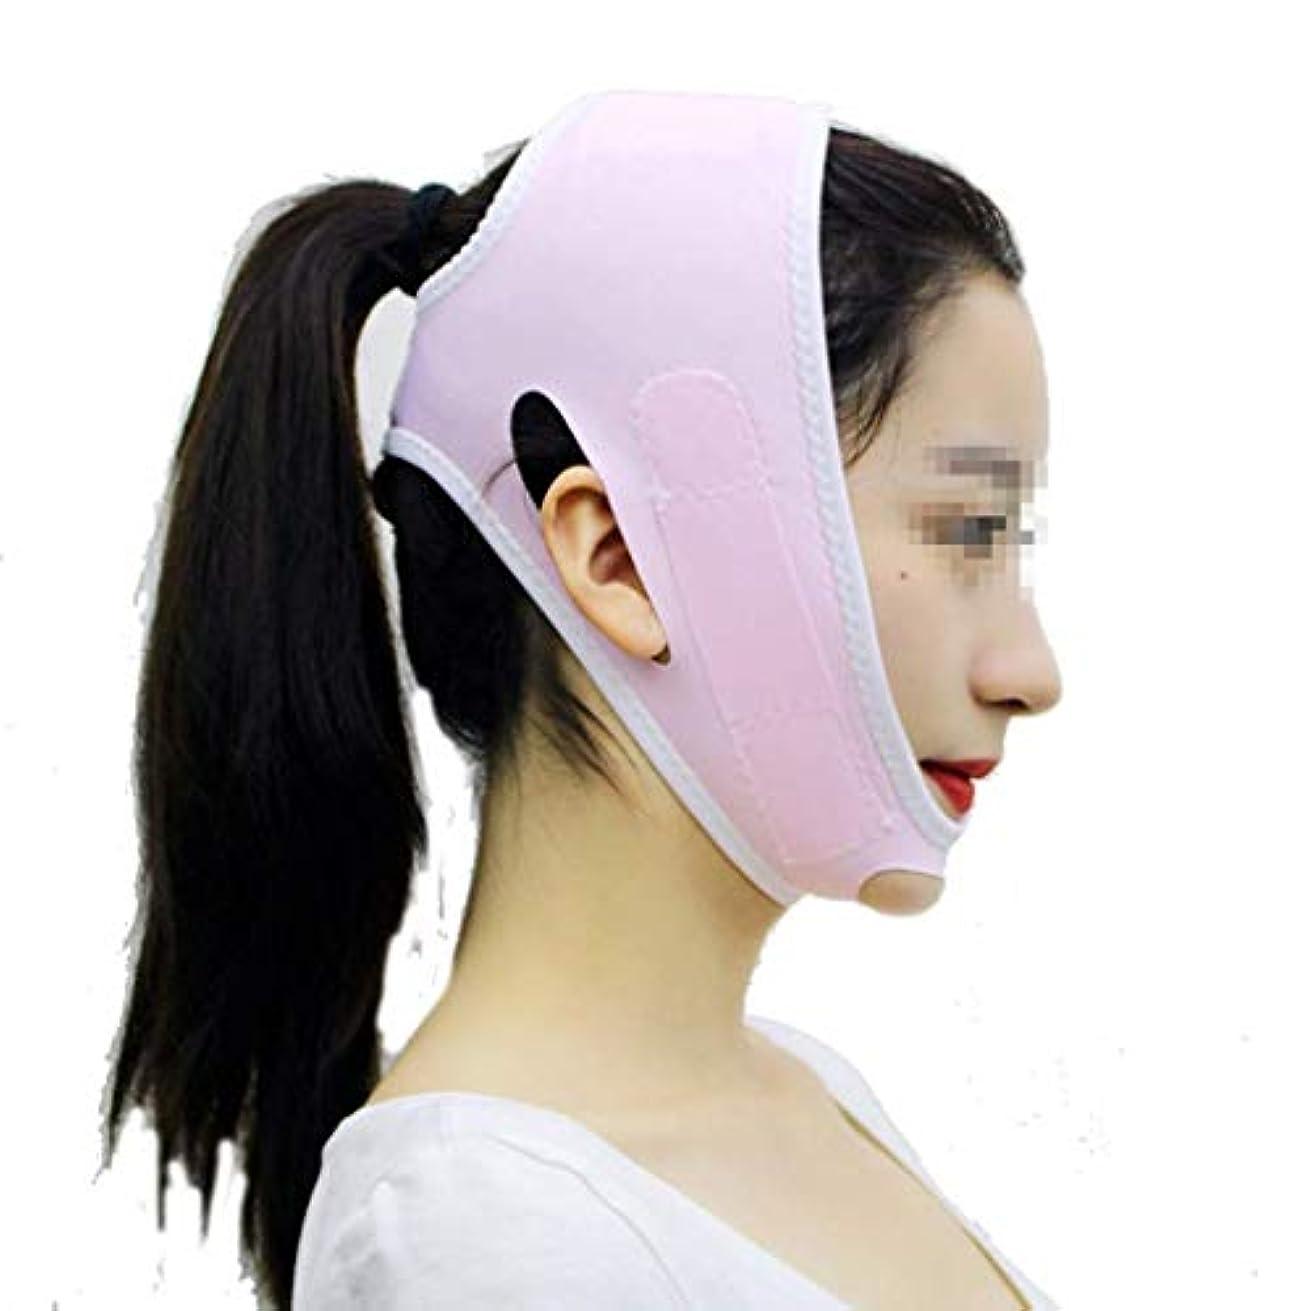 特異な彼らのものクラックポット美容包帯、Vフェイス睡眠薄いフェイスマスクライン彫刻回復フードリフティング引き締めフェイスダブルチンマスクマルチカラーオプション(カラー:ピンク),ピンク